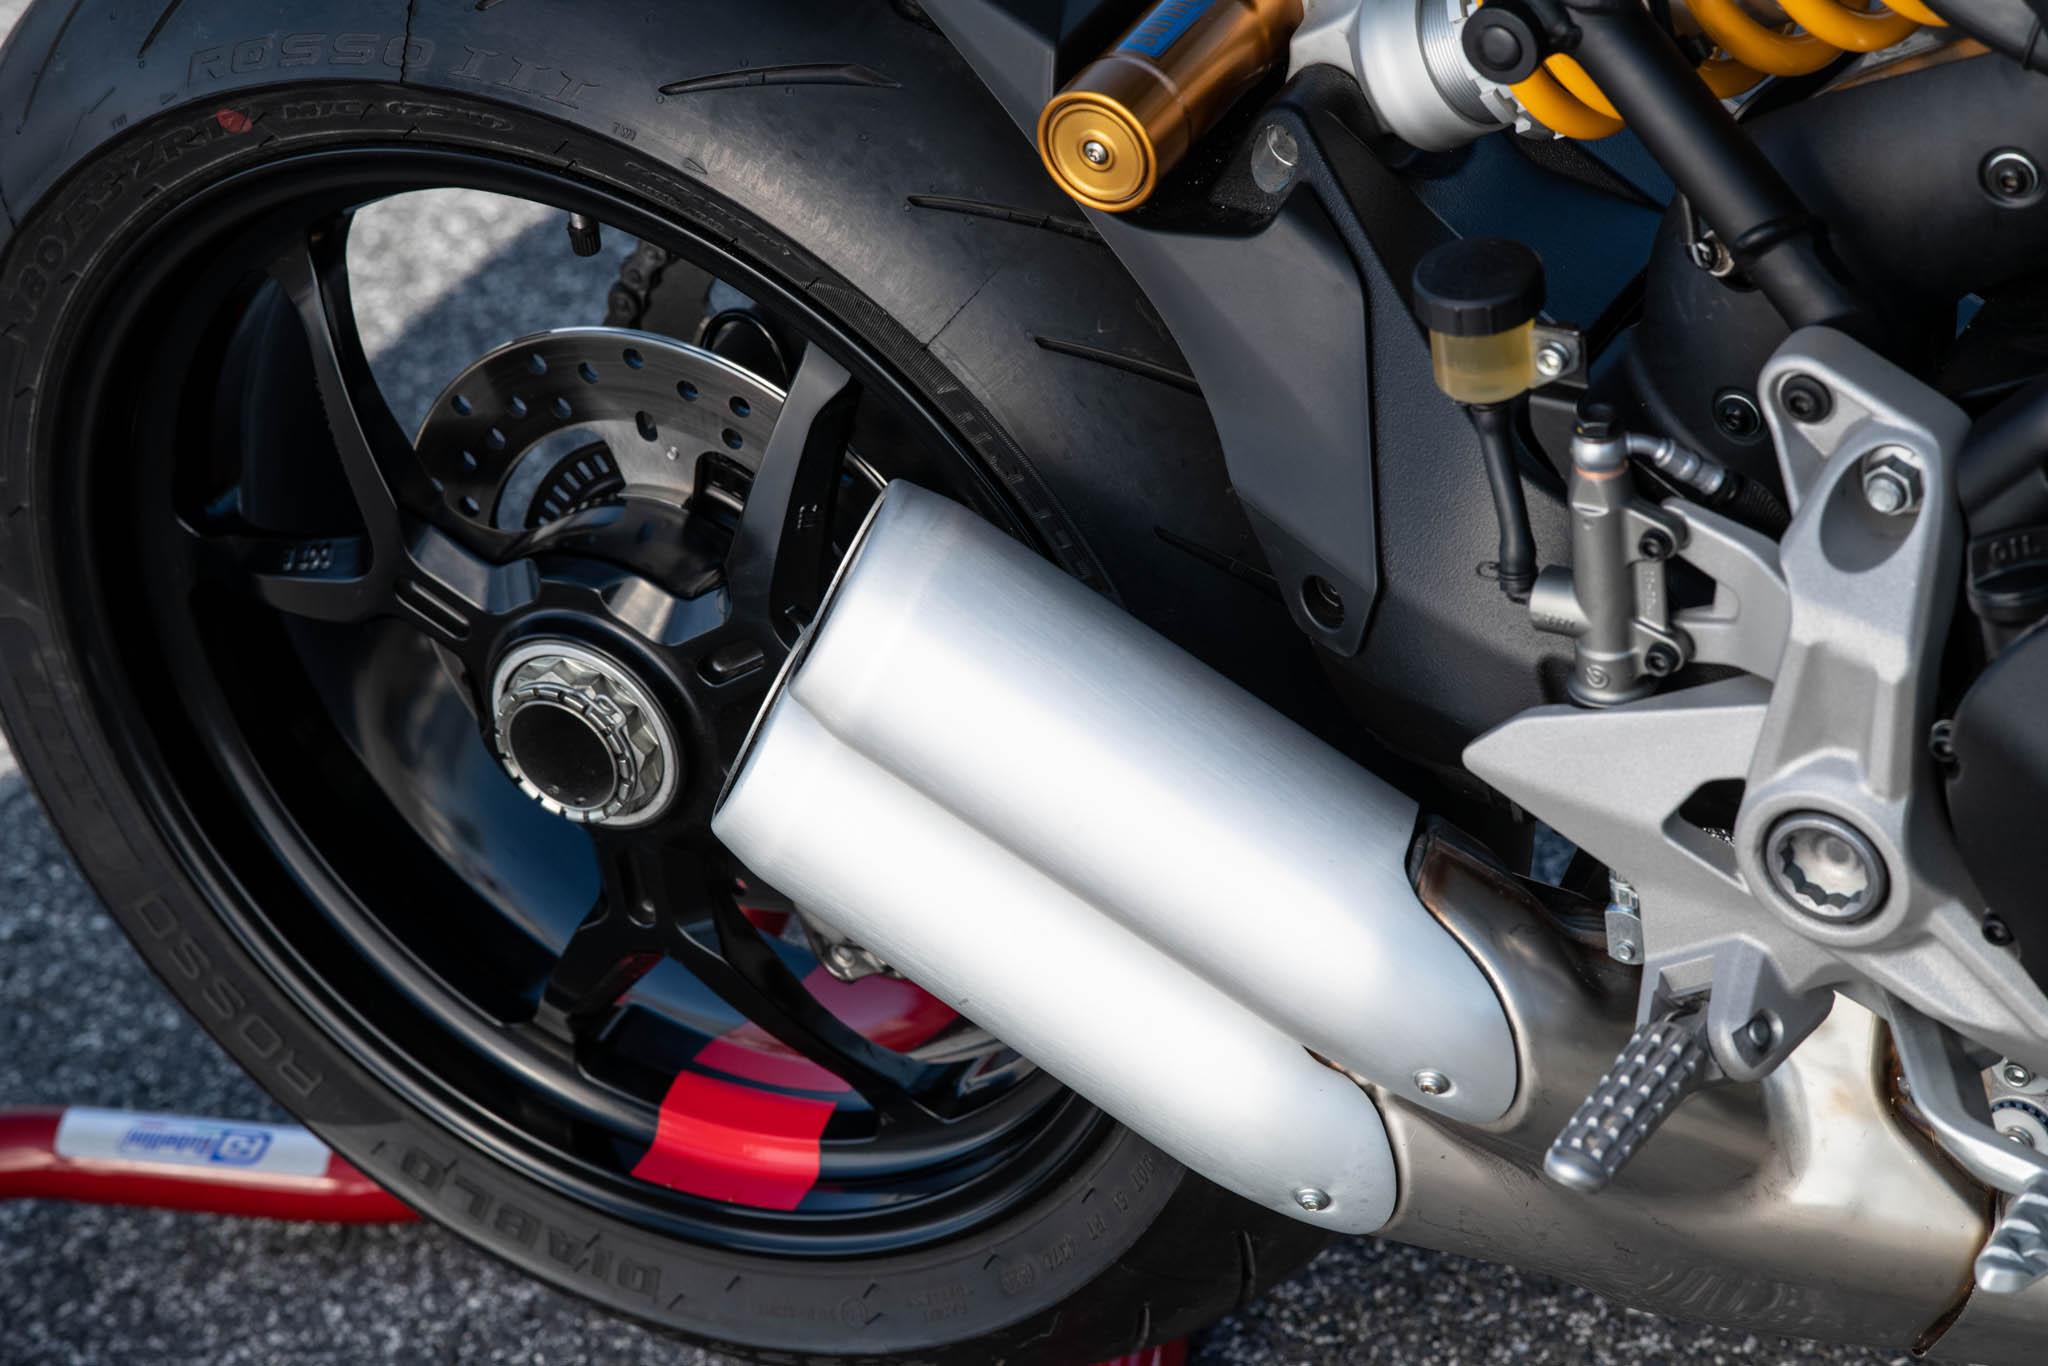 Ducati_SuperSport_950_2021_details-6